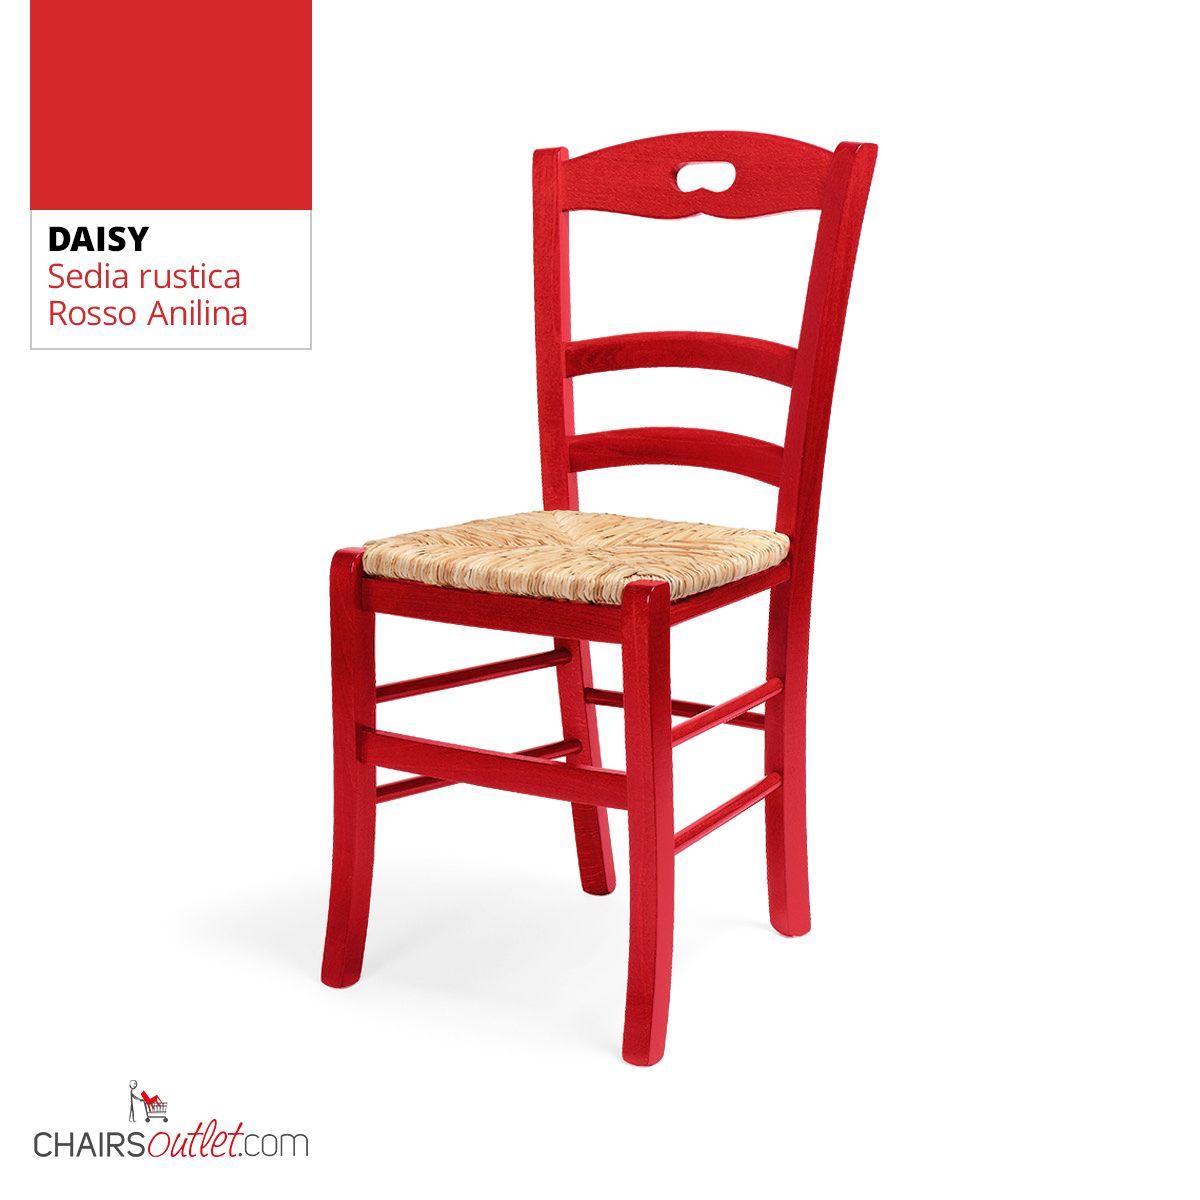 26 90 daisy sedia in legno stile rustico in offerta